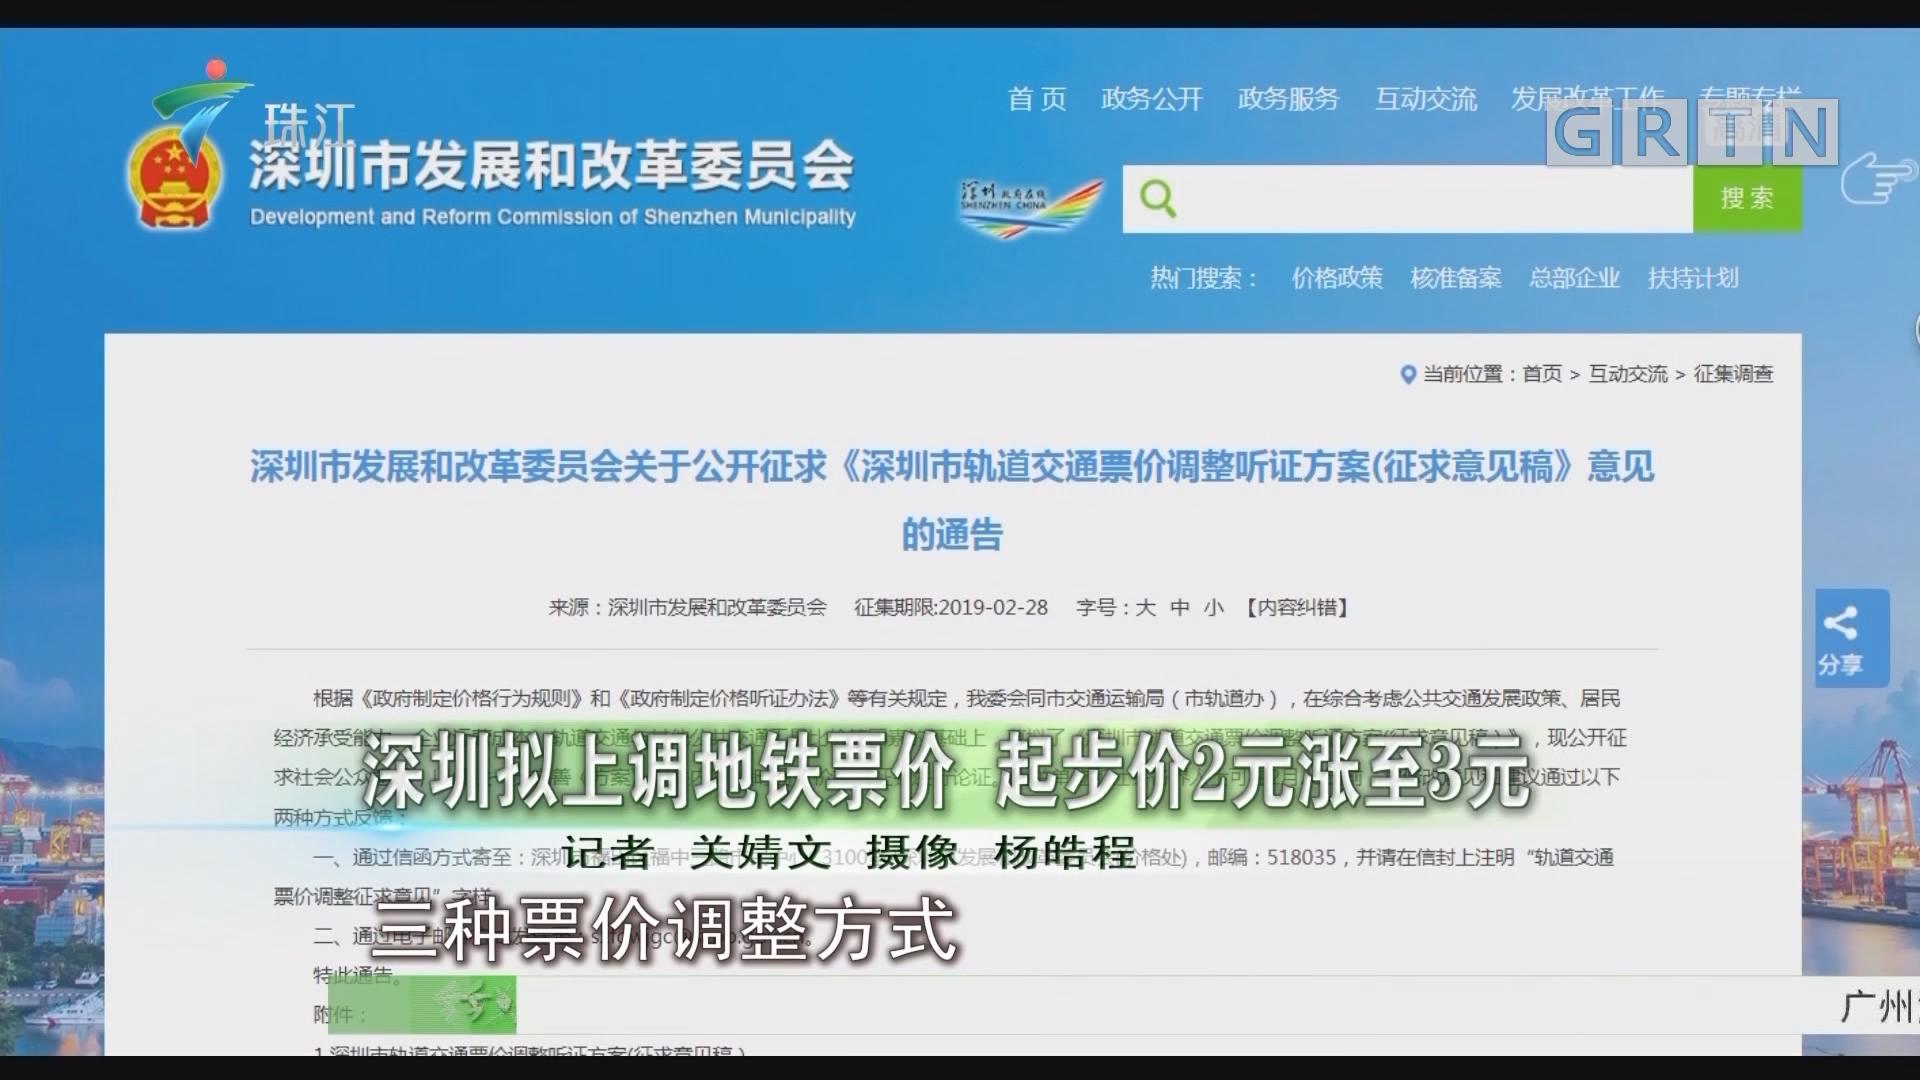 深圳拟上调地铁票价 起步价2元涨至3元